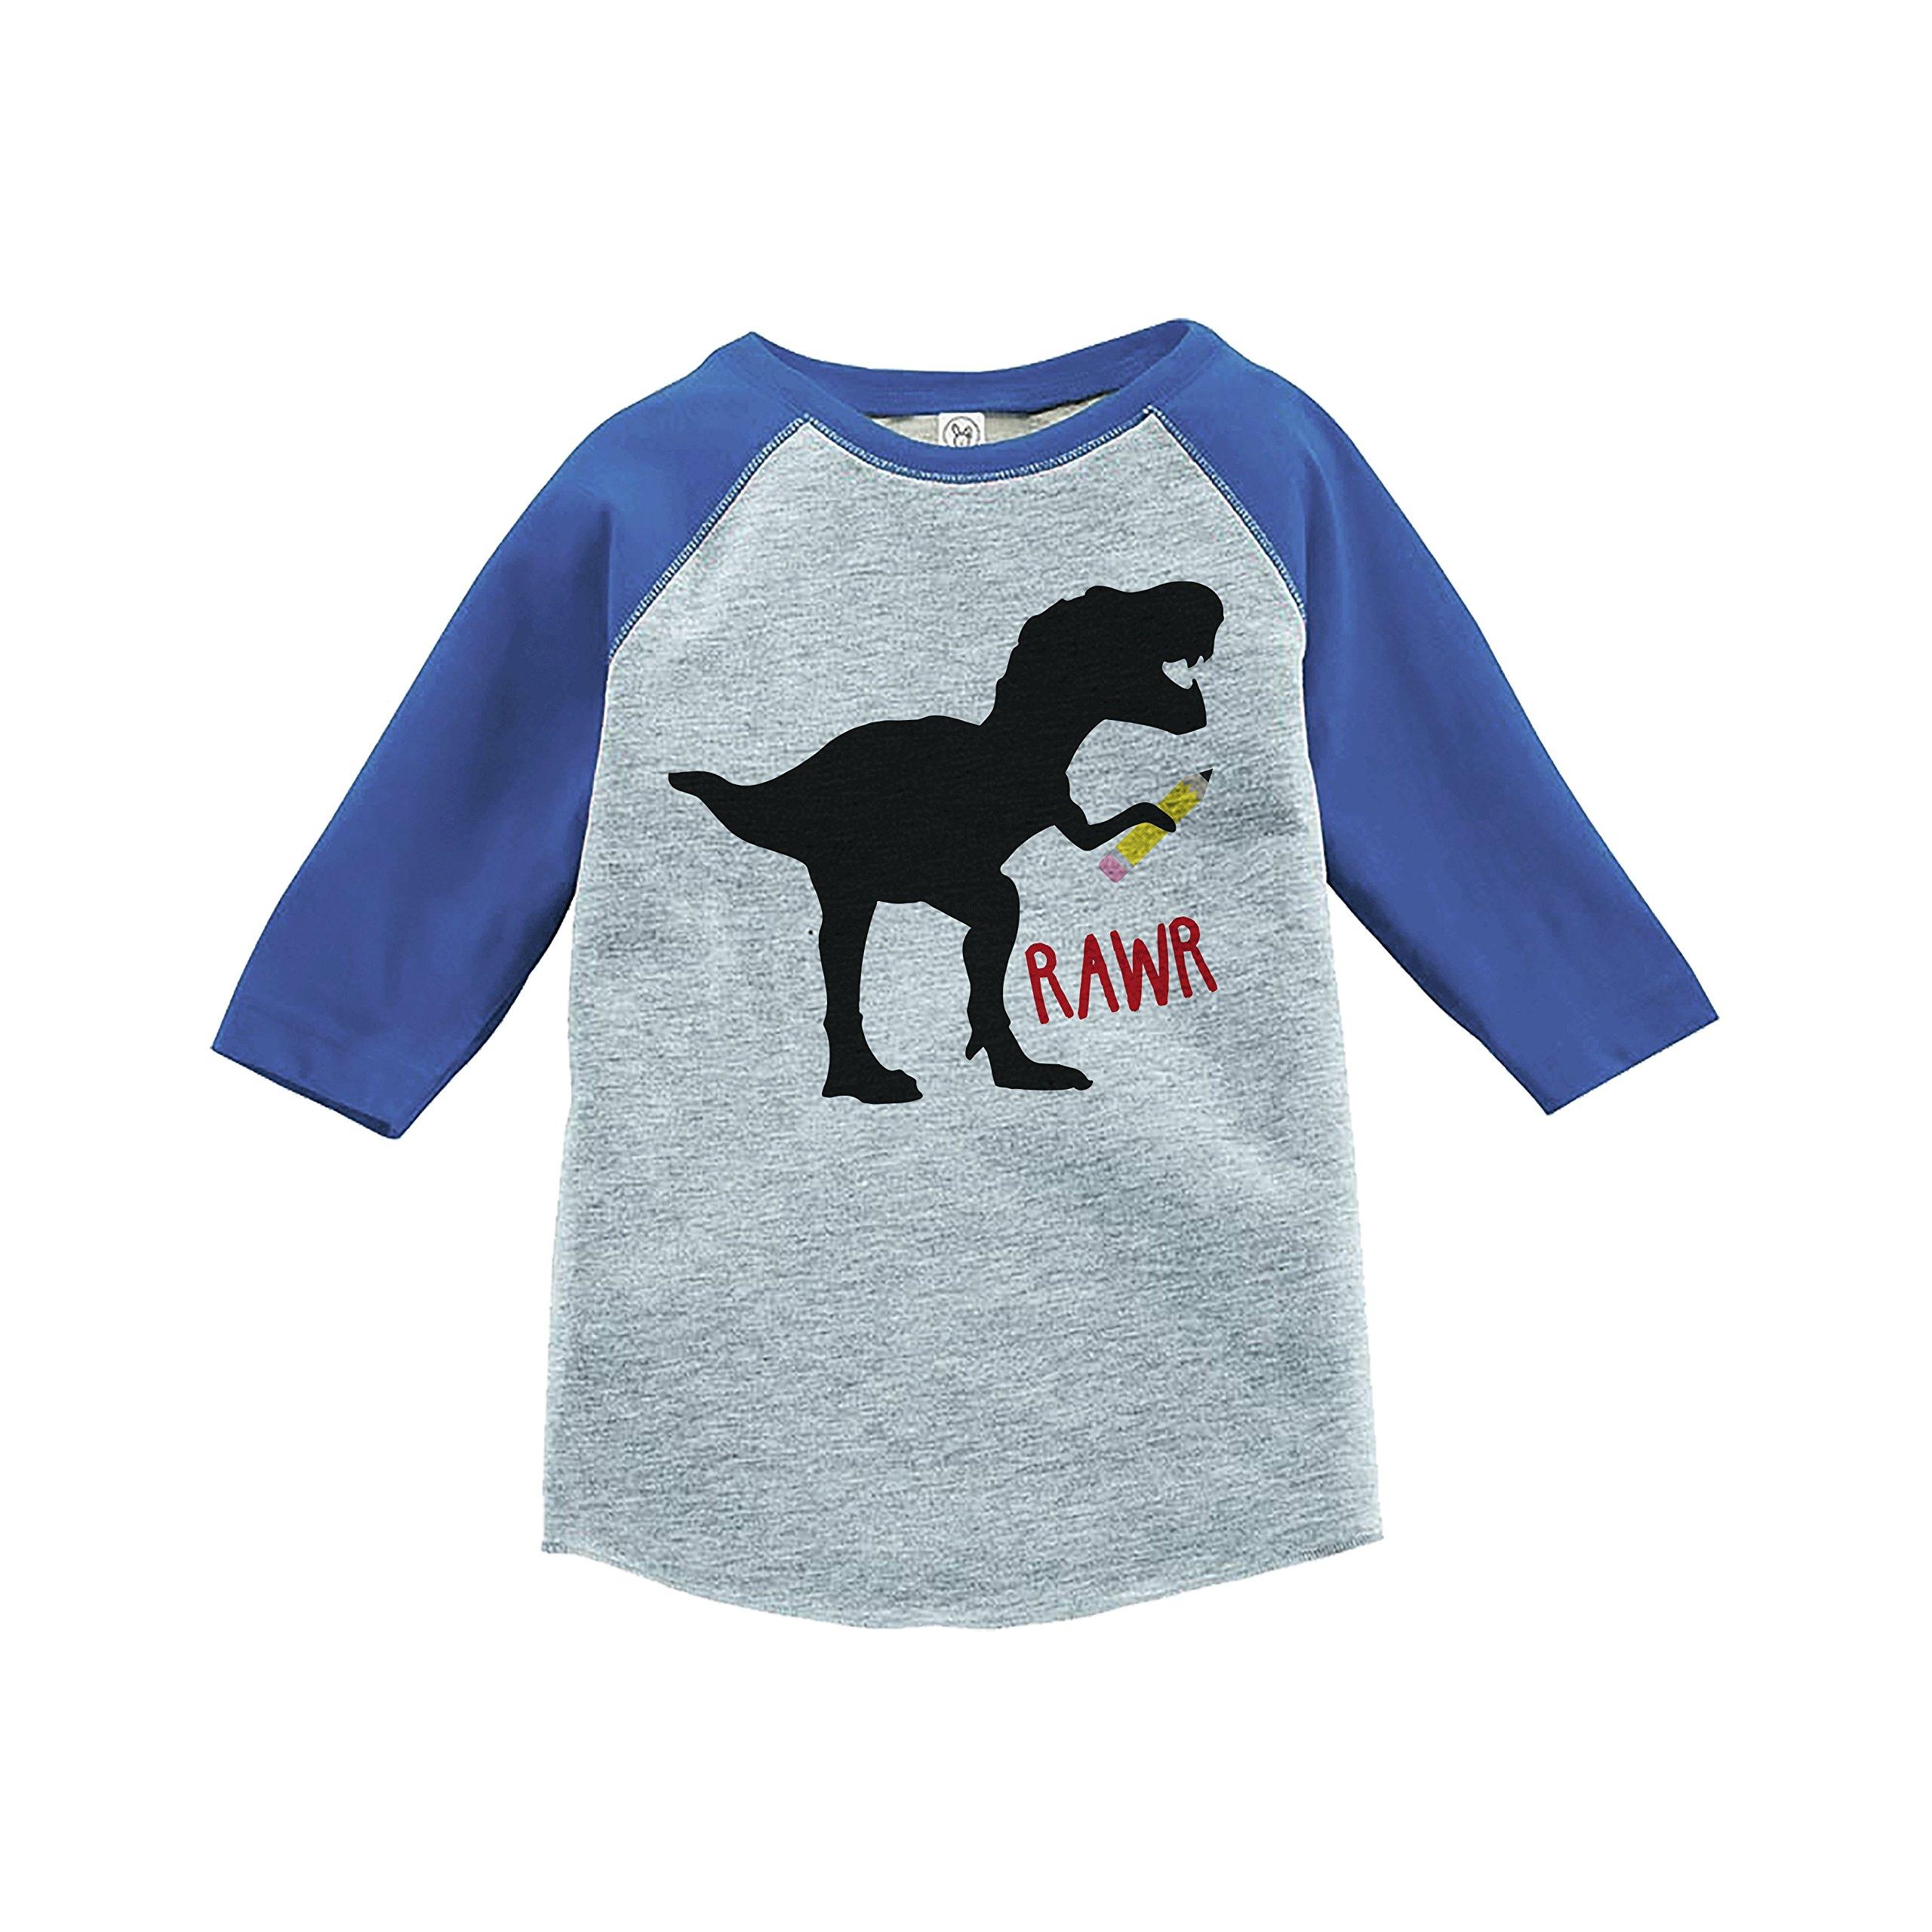 7 ate 9 Apparel Kids Dino Dinosaur School Shirt